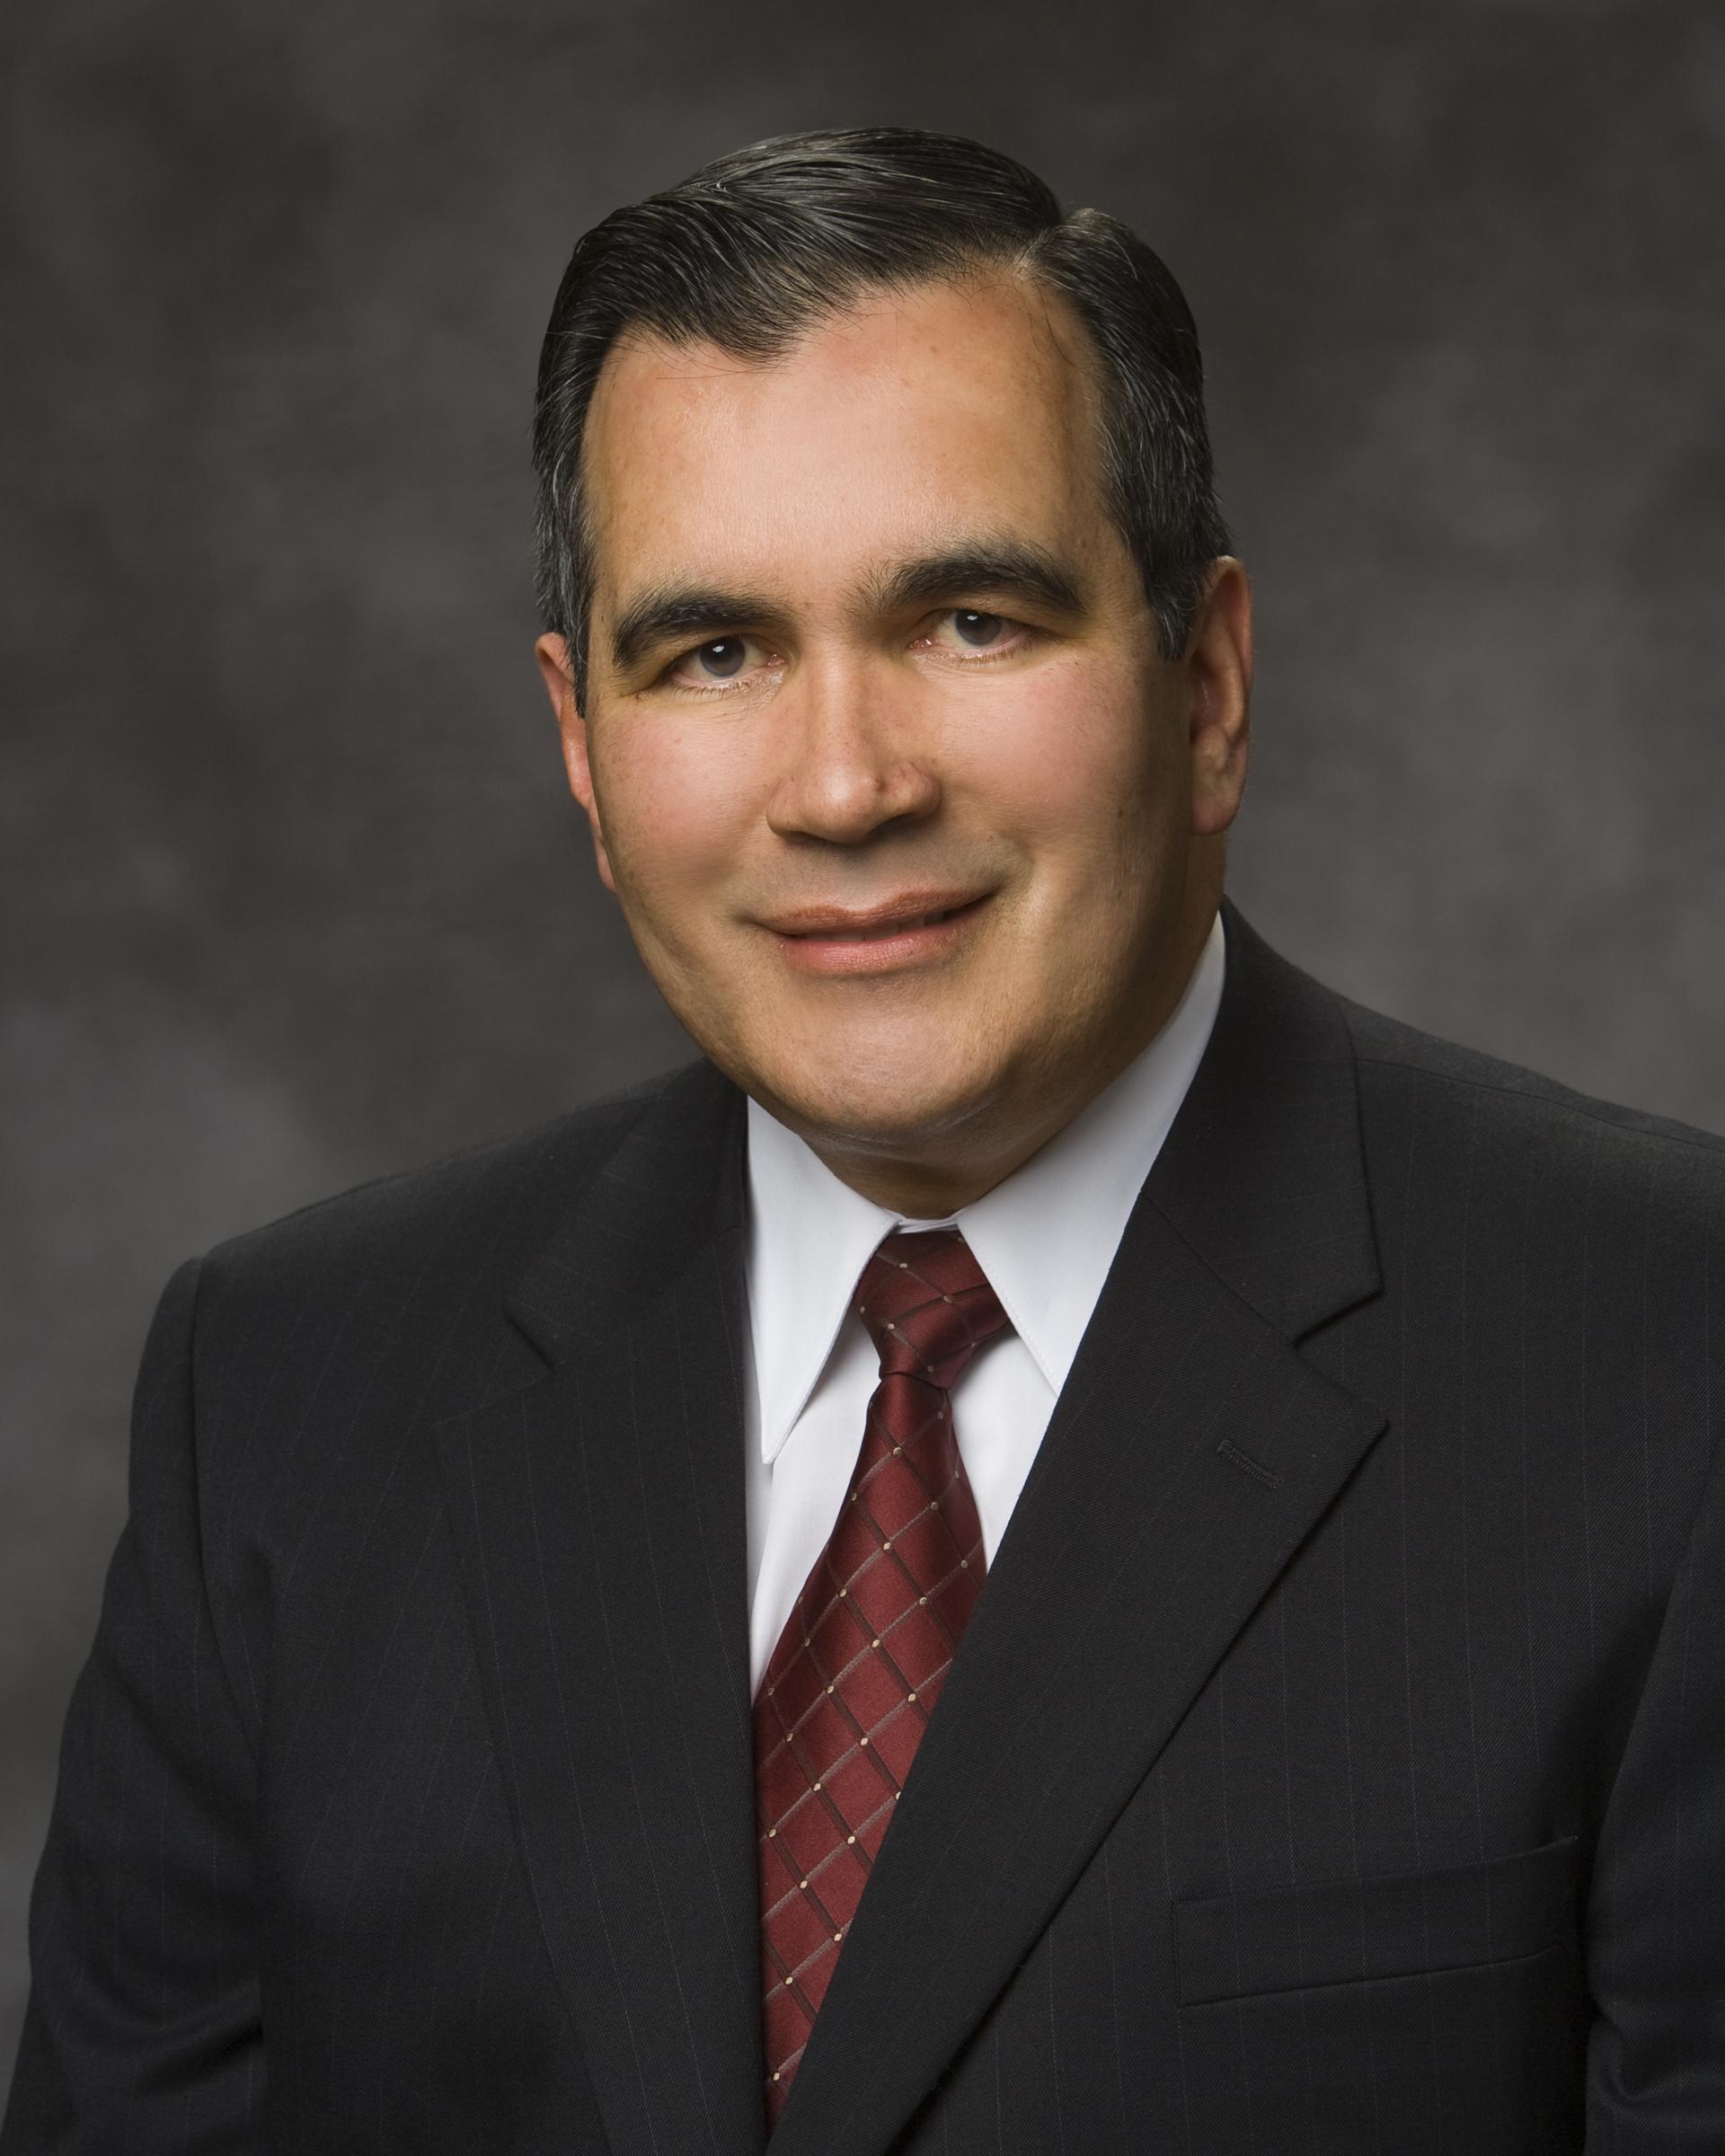 Elder Rafael E. Pino